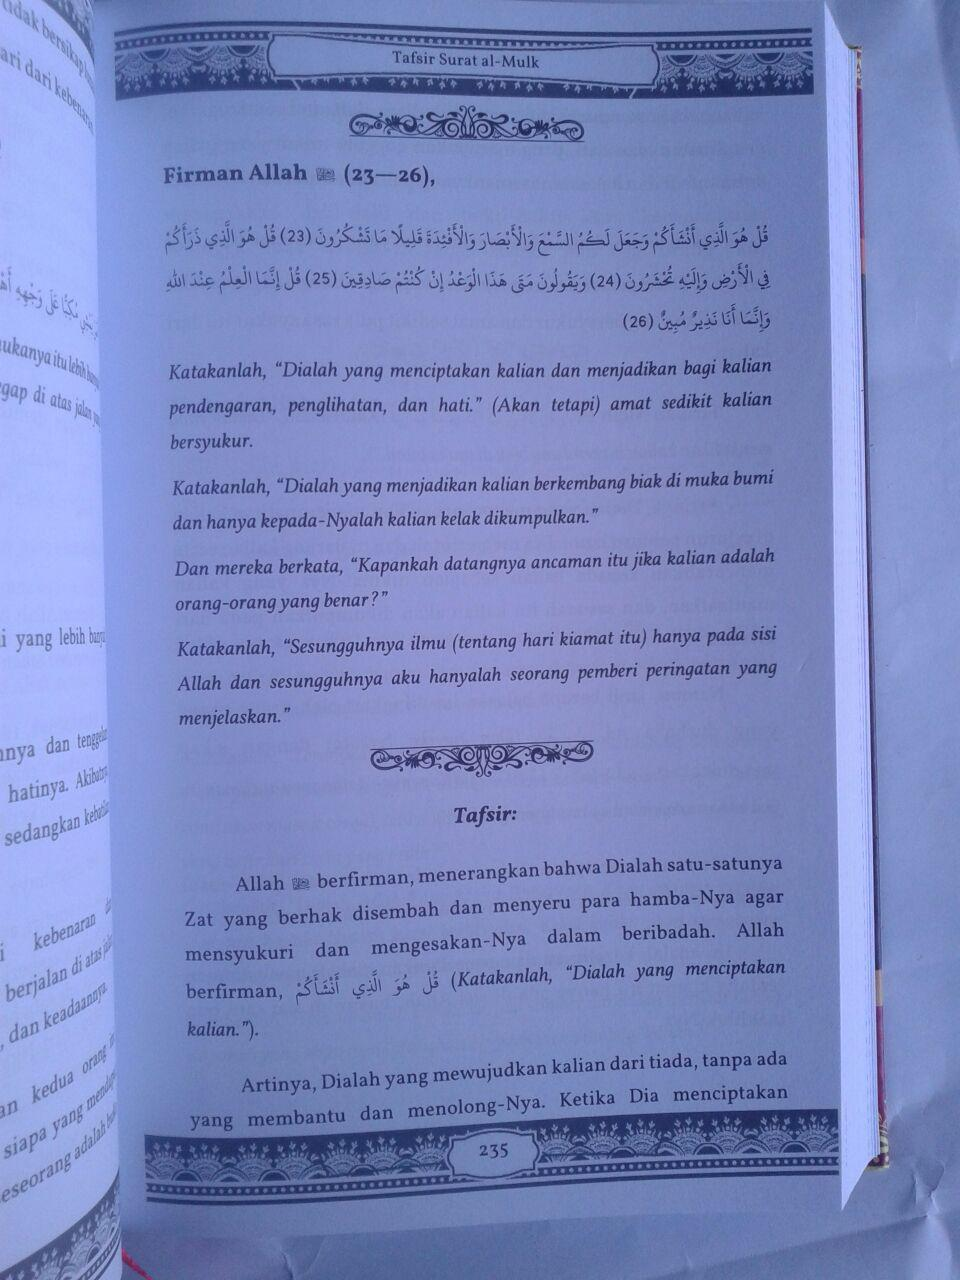 Buku Terjemah Tafsir As-Sa'di Juz 28-30 isi 3